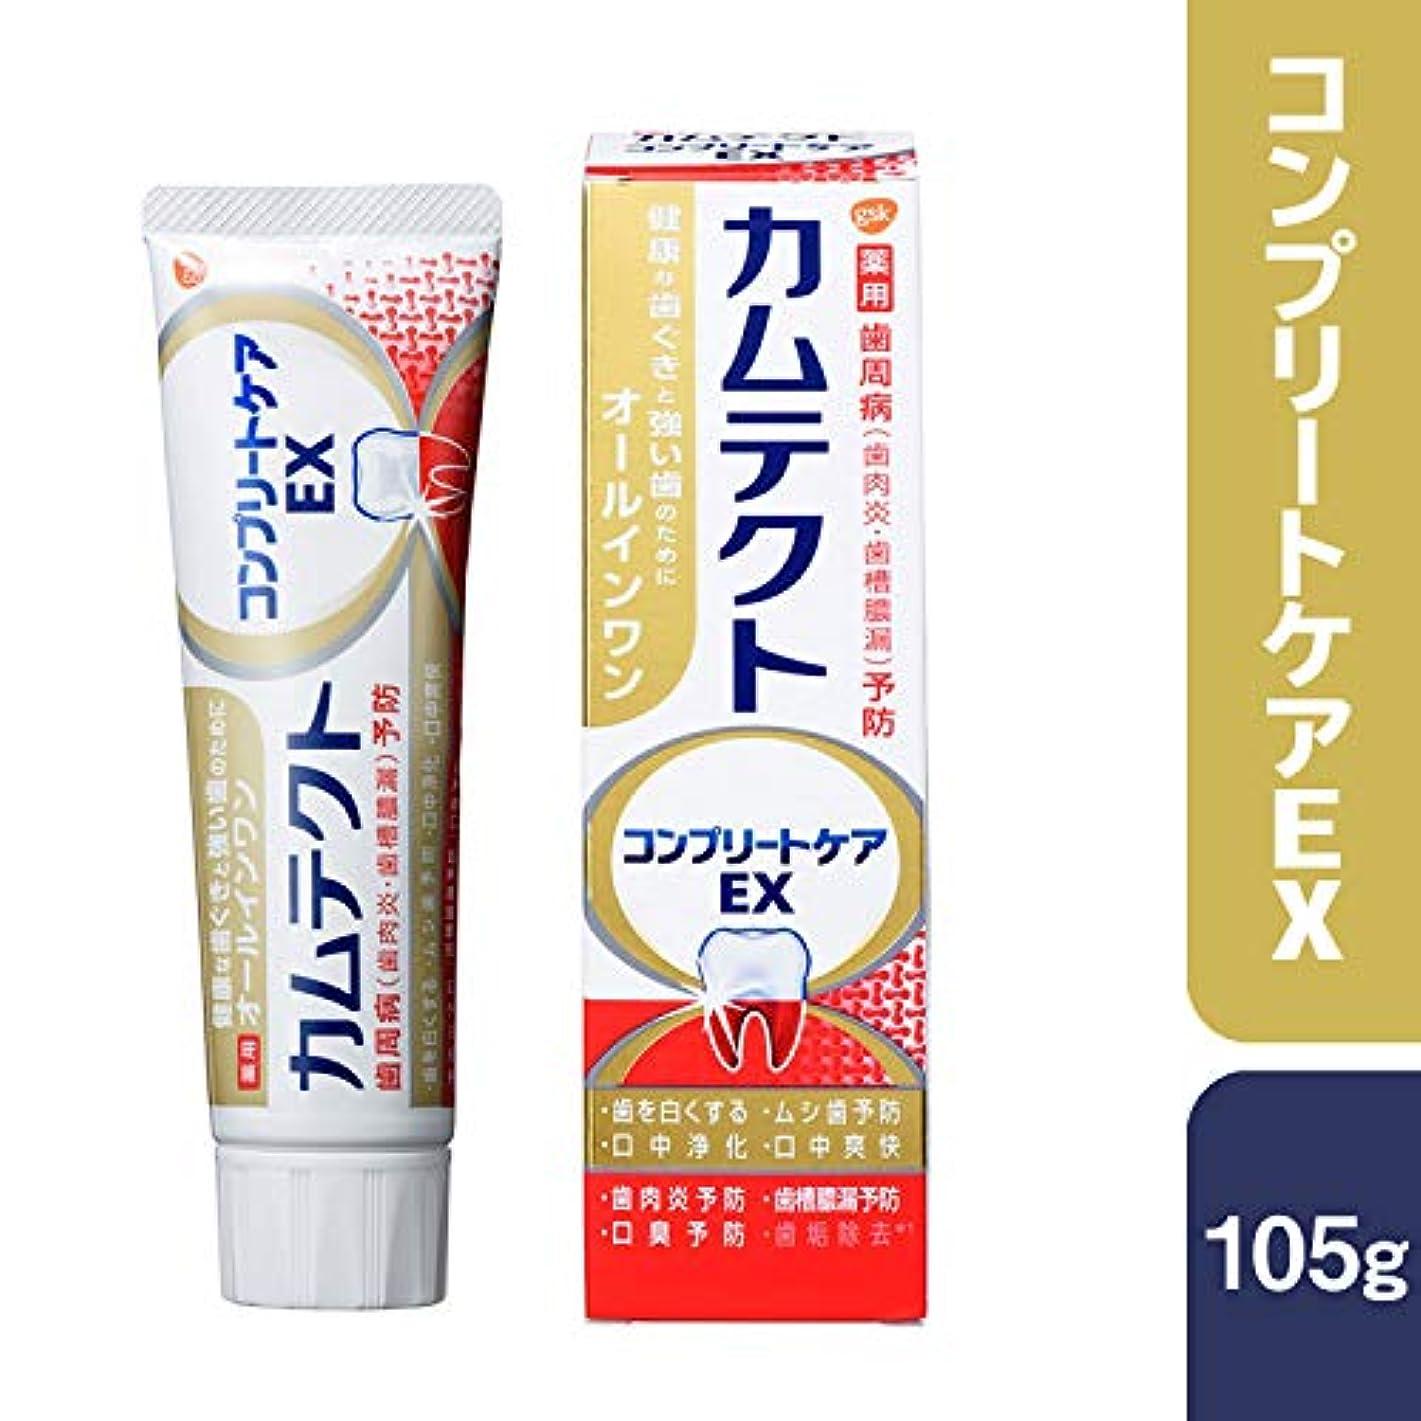 形ソフトウェア認識カムテクト コンプリートケアEX 歯周病(歯肉炎?歯槽膿漏) 予防 歯磨き粉 105g